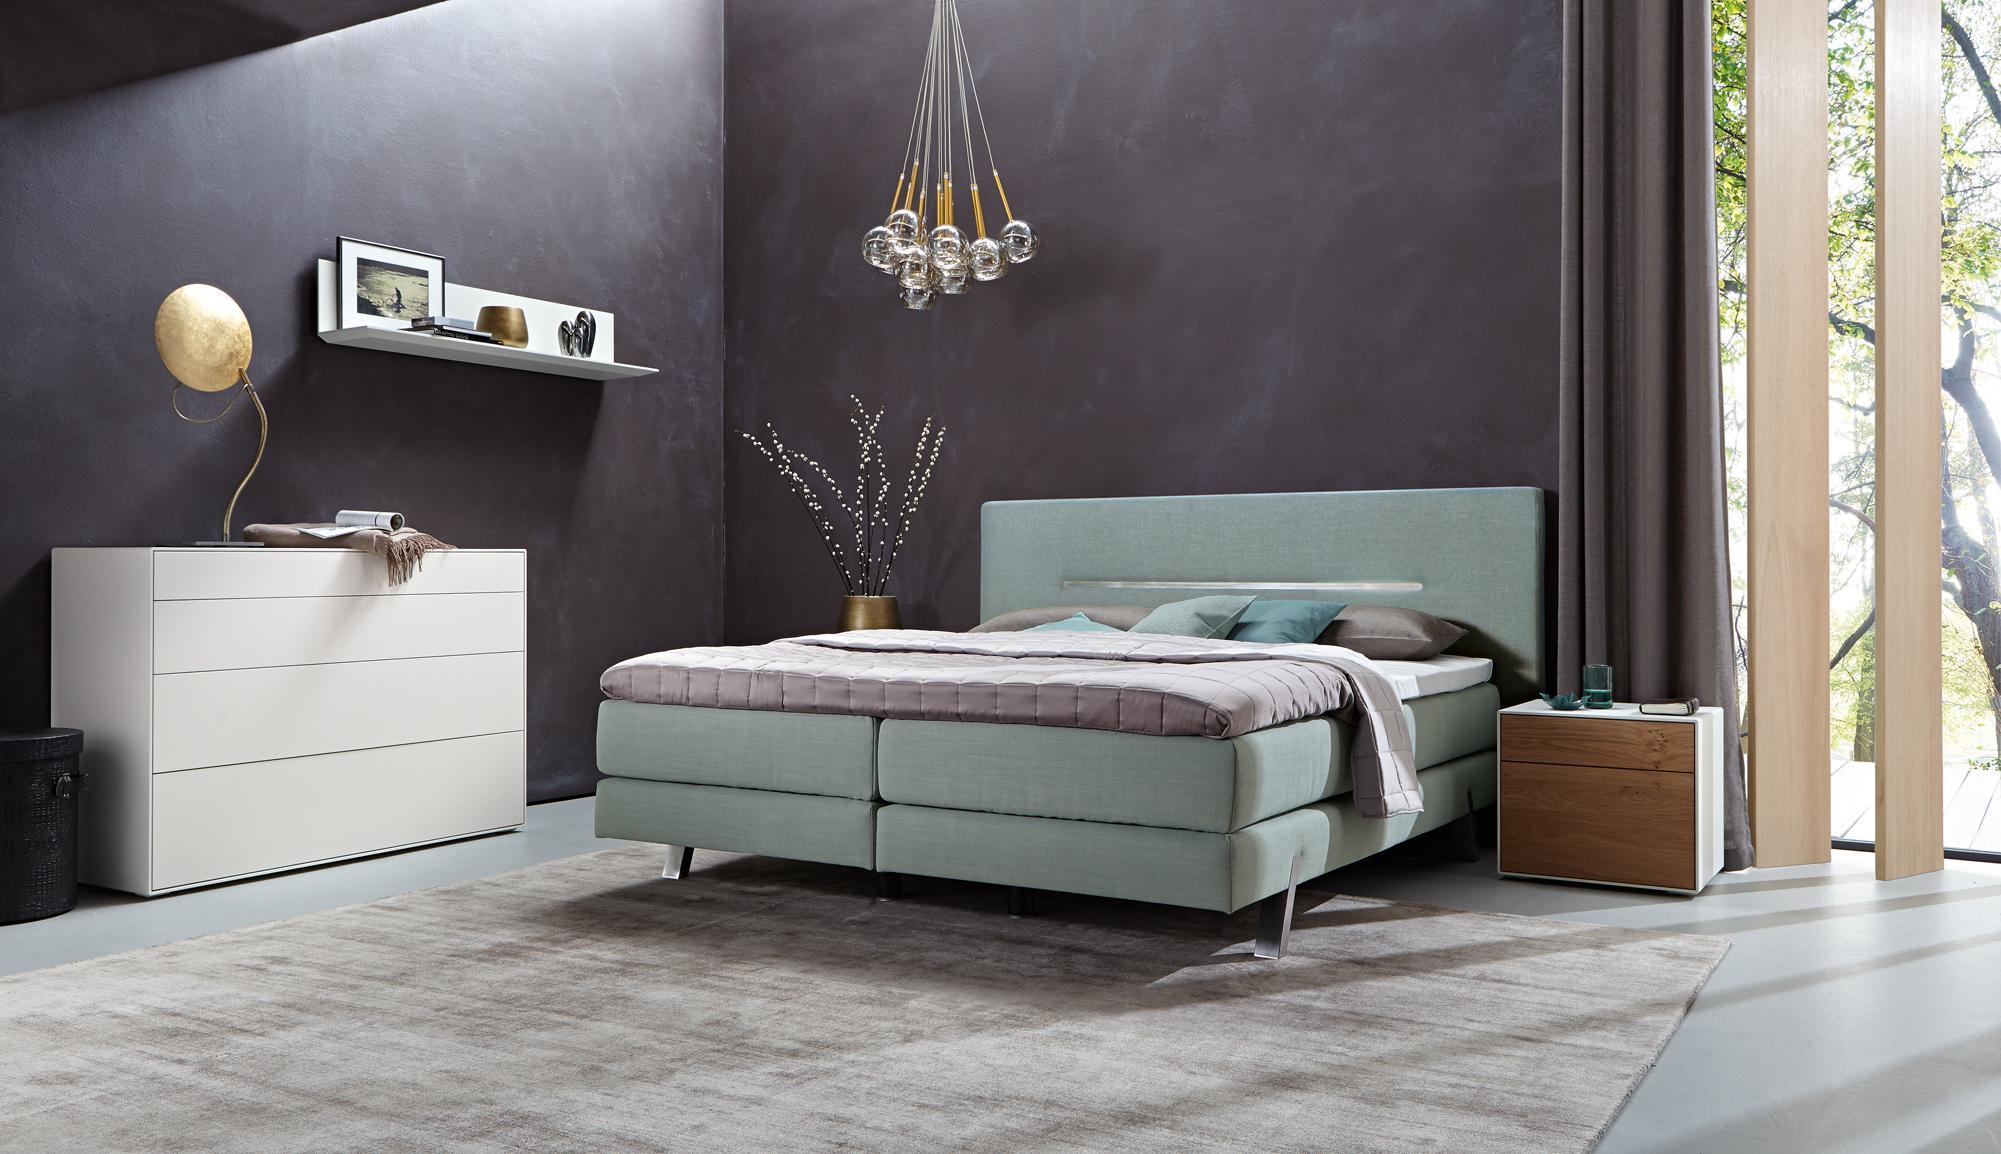 Kreativer Farbmix im Schlafzimmer #teppich #kommode ...